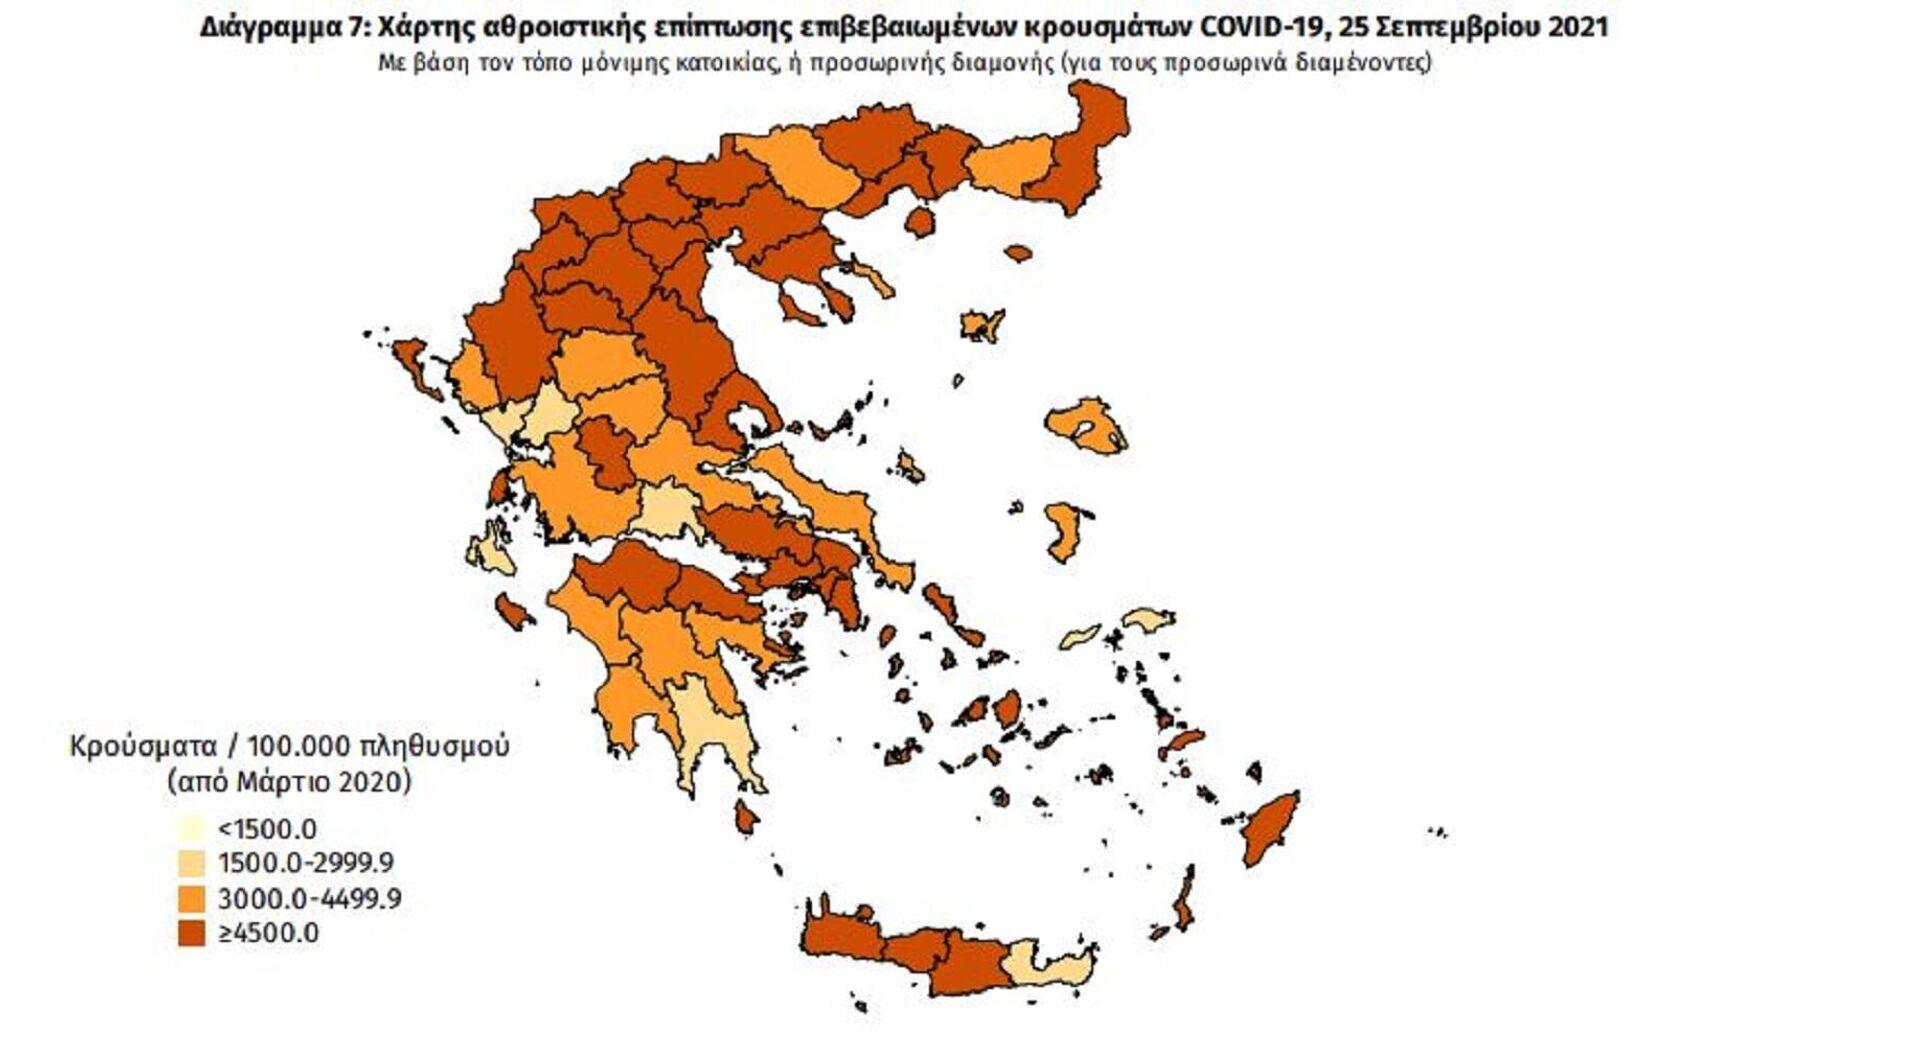 Χάρτης αθροιστικής επίπτωσης επιβεβαιωμένων κρουσμάτων COVID-19, 25 Σεπτεμβρίου 2021 - Sputnik Ελλάδα, 1920, 25.09.2021